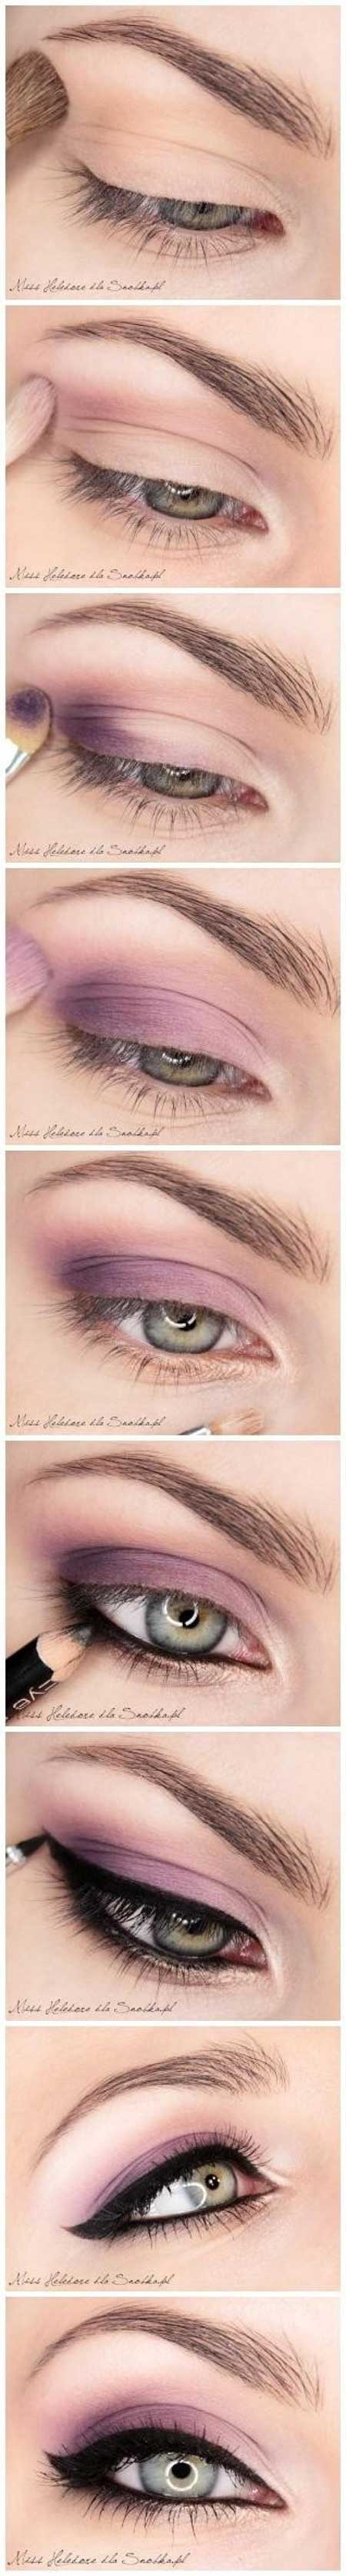 مدل آرایش چشم رنگ سال تم بنفش,آرایش بنفش 2014,زیبا ترین آرایش بنفش چشم